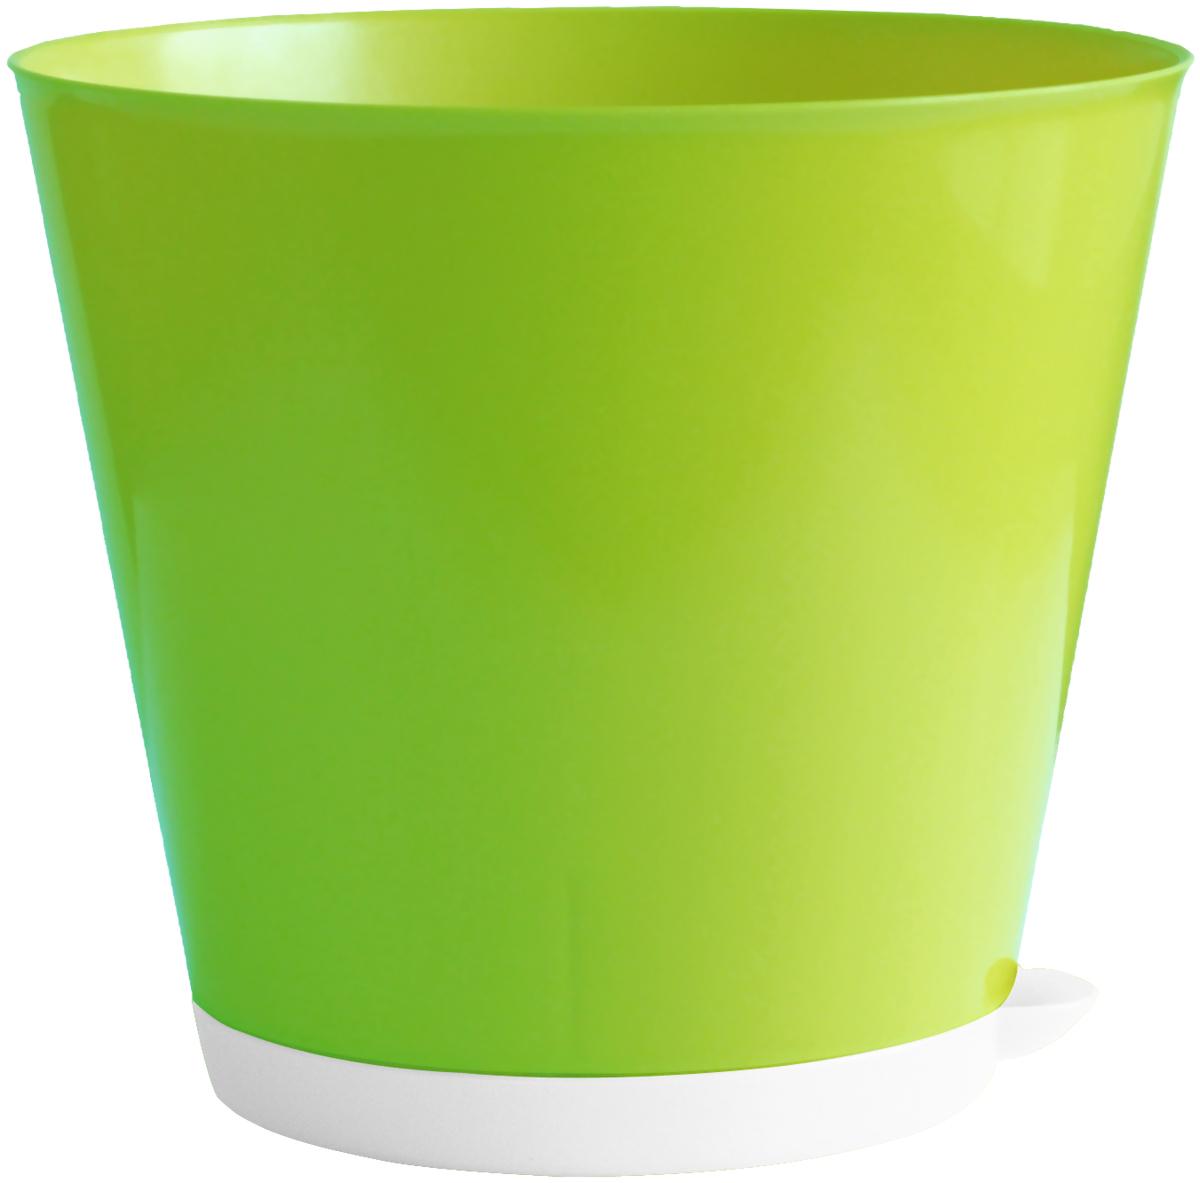 Горшок для цветов InGreen Крит, с системой прикорневого полива, цвет: салатовый, диаметр 20 смING46020СЛ-12РSГоршок InGreen Крит, выполненный из высококачественного пластика, предназначен для выращивания комнатных цветов, растений и трав. Специальная конструкция обеспечивает вентиляцию в корневой системе растения, а дренажные отверстия позволяют выходить лишней влаге из почвы. Крепежные отверстия и штыри прочно крепят подставку к горшку. Прикорневой полив растения осуществляется через удобный носик. Система прикорневого полива позволяет оставлять комнатное растение без внимания тем, кто часто находится в командировках или собирается в отпуск и не имеет возможности вовремя поливать цветы.Такой горшок порадует вас современным дизайном и функциональностью, а также оригинально украсит интерьер любого помещения. Диаметр горшка (по верхнему краю): 20 см.Высота горшка: 18,2 см. Объем горшка: 3,6 л.